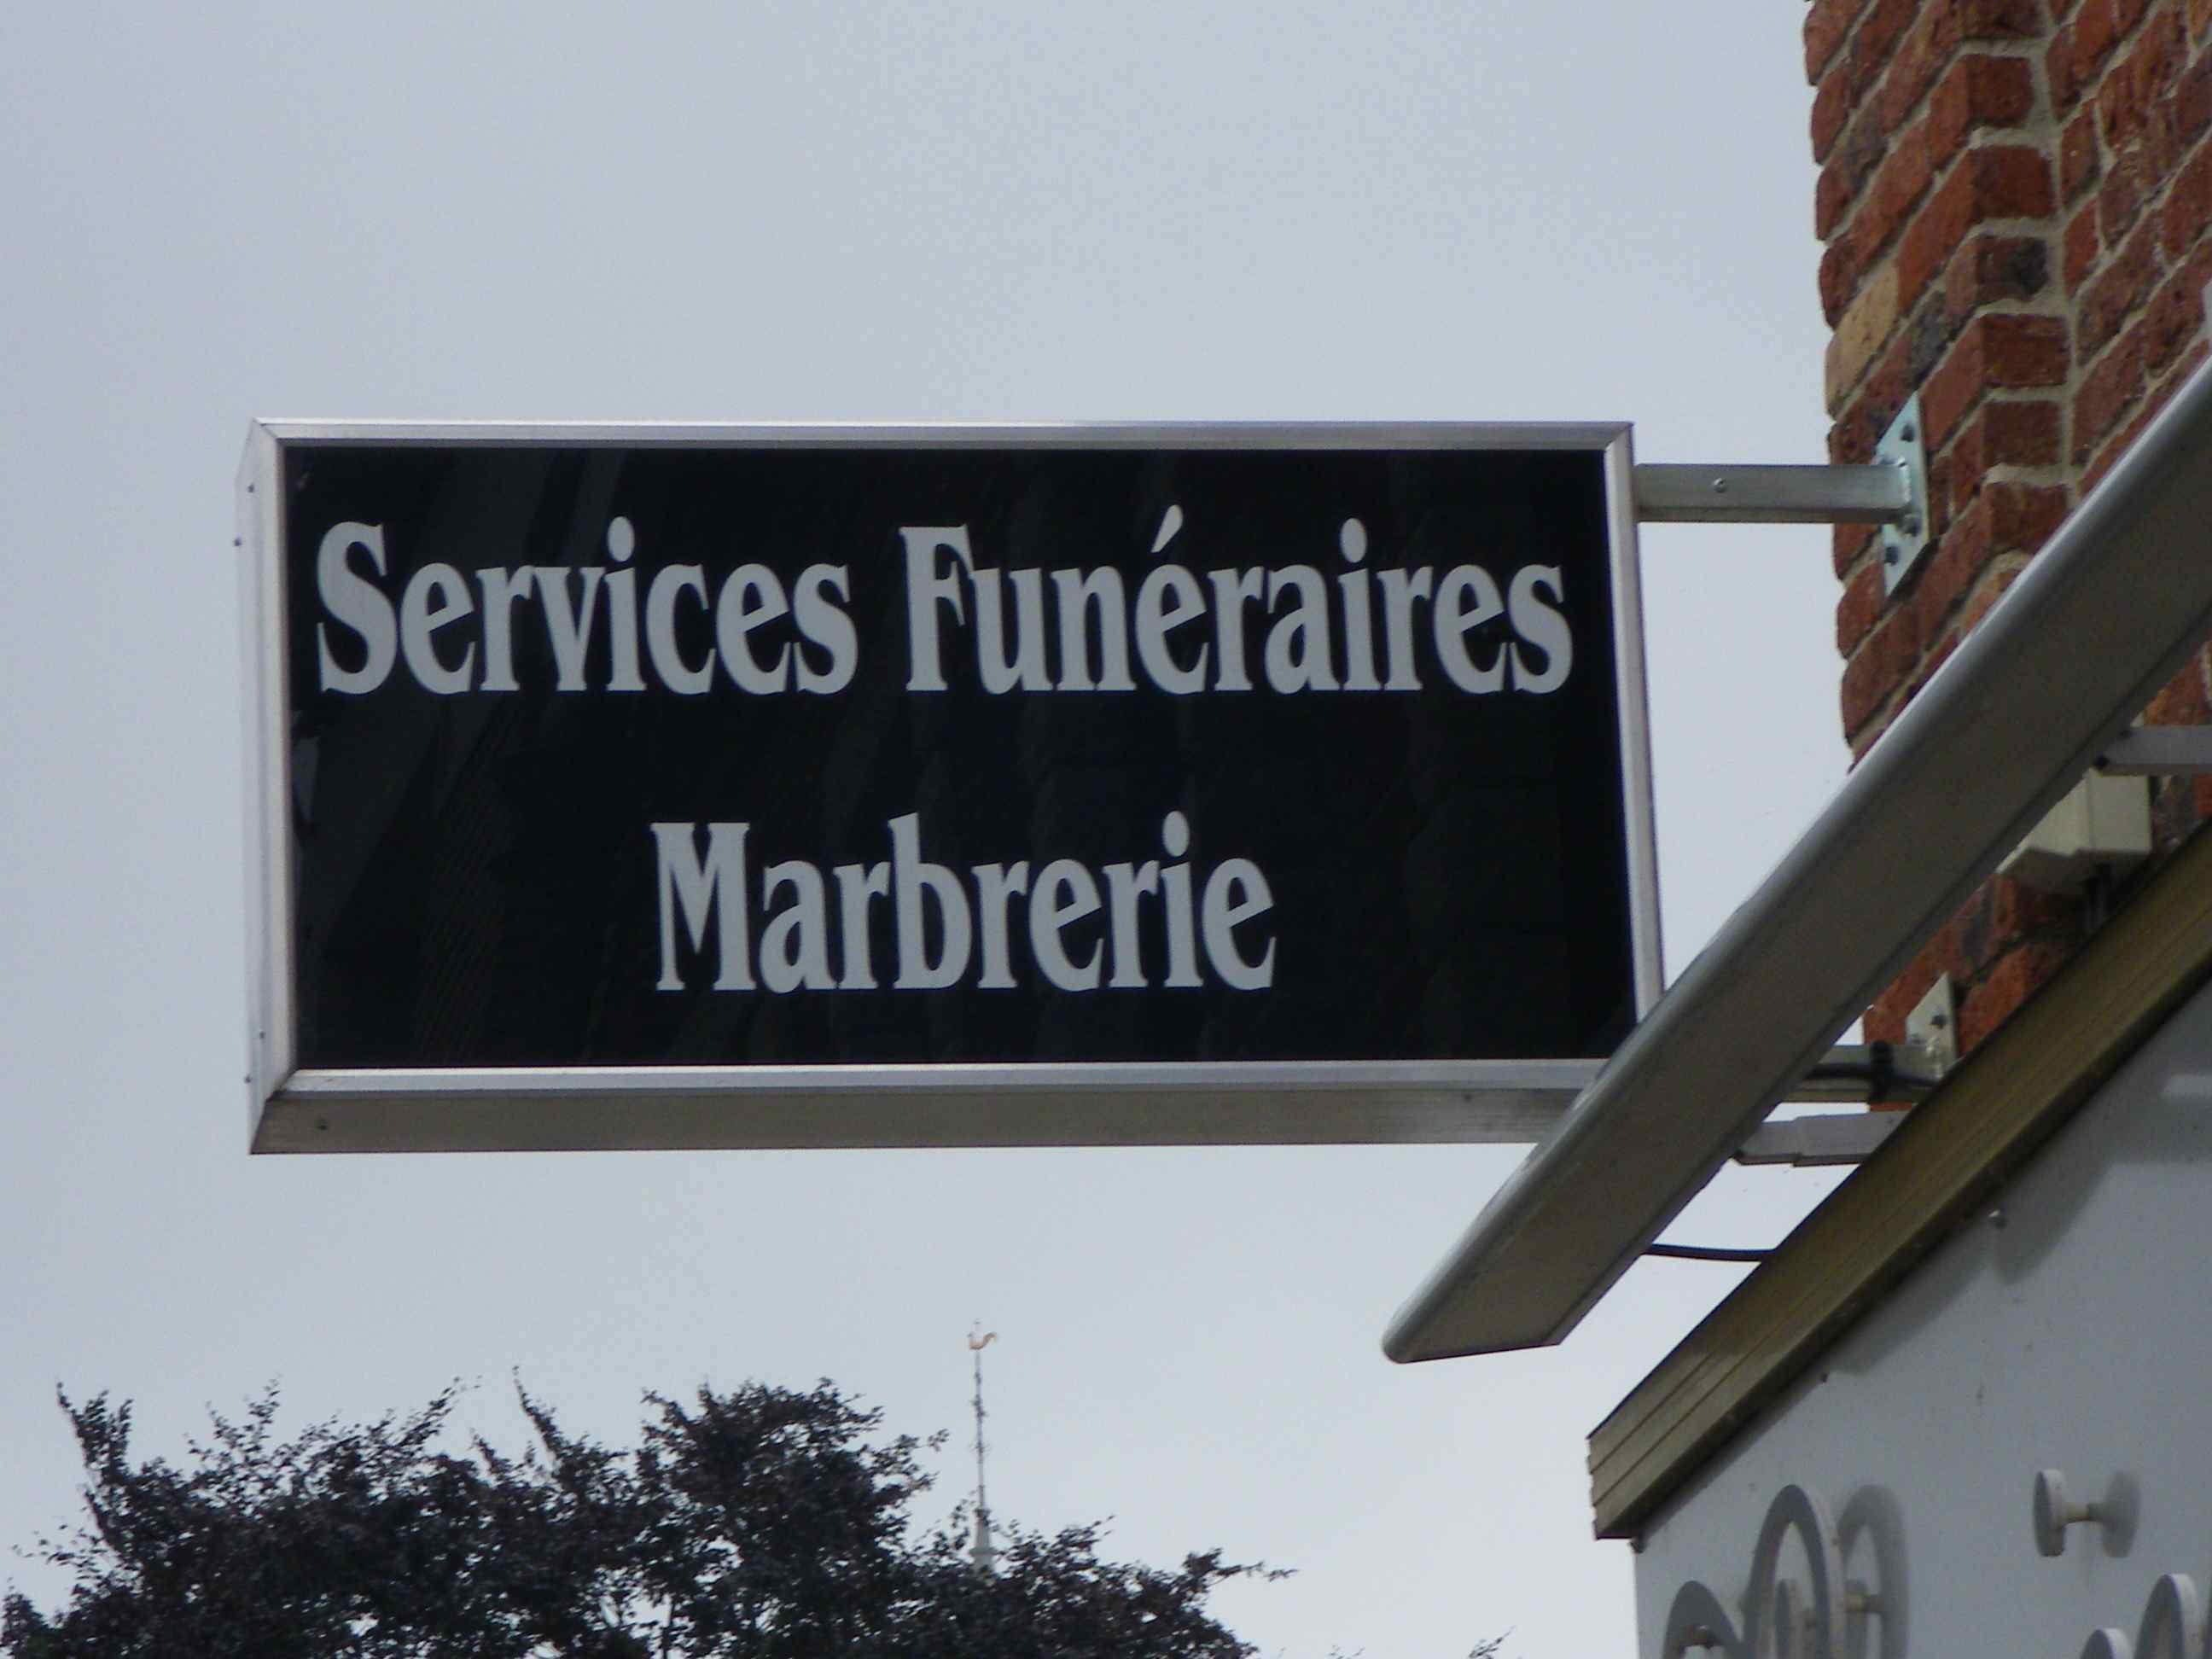 caisson services funéraires marbrerie